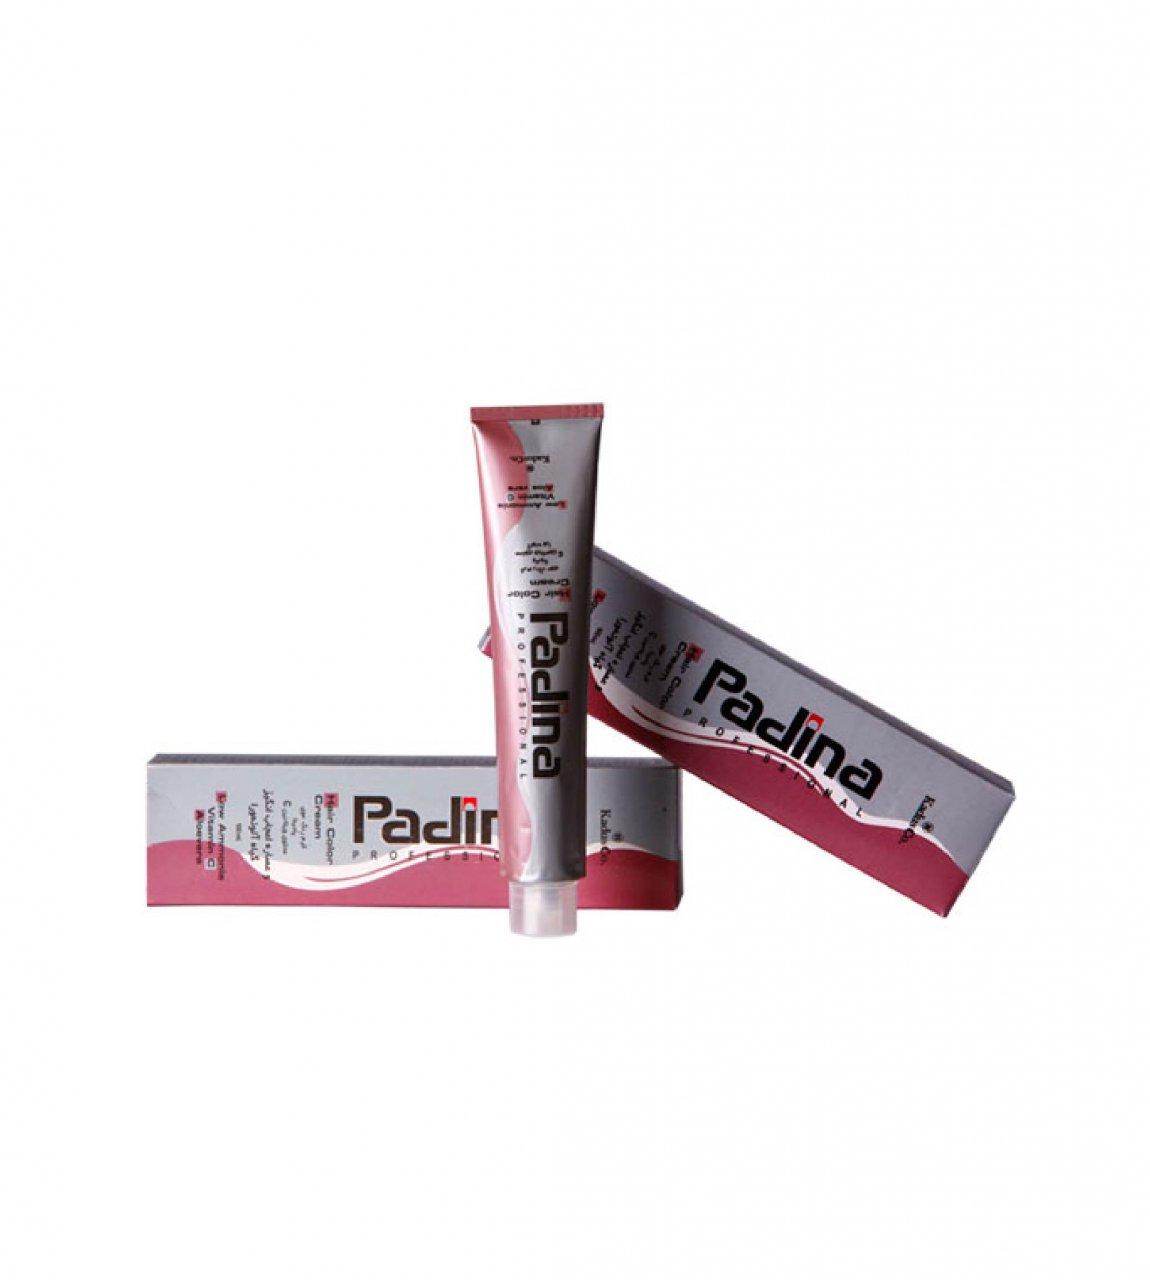 رنگ موی پادینا بلوند خیلی روشن قوی کد 00_9